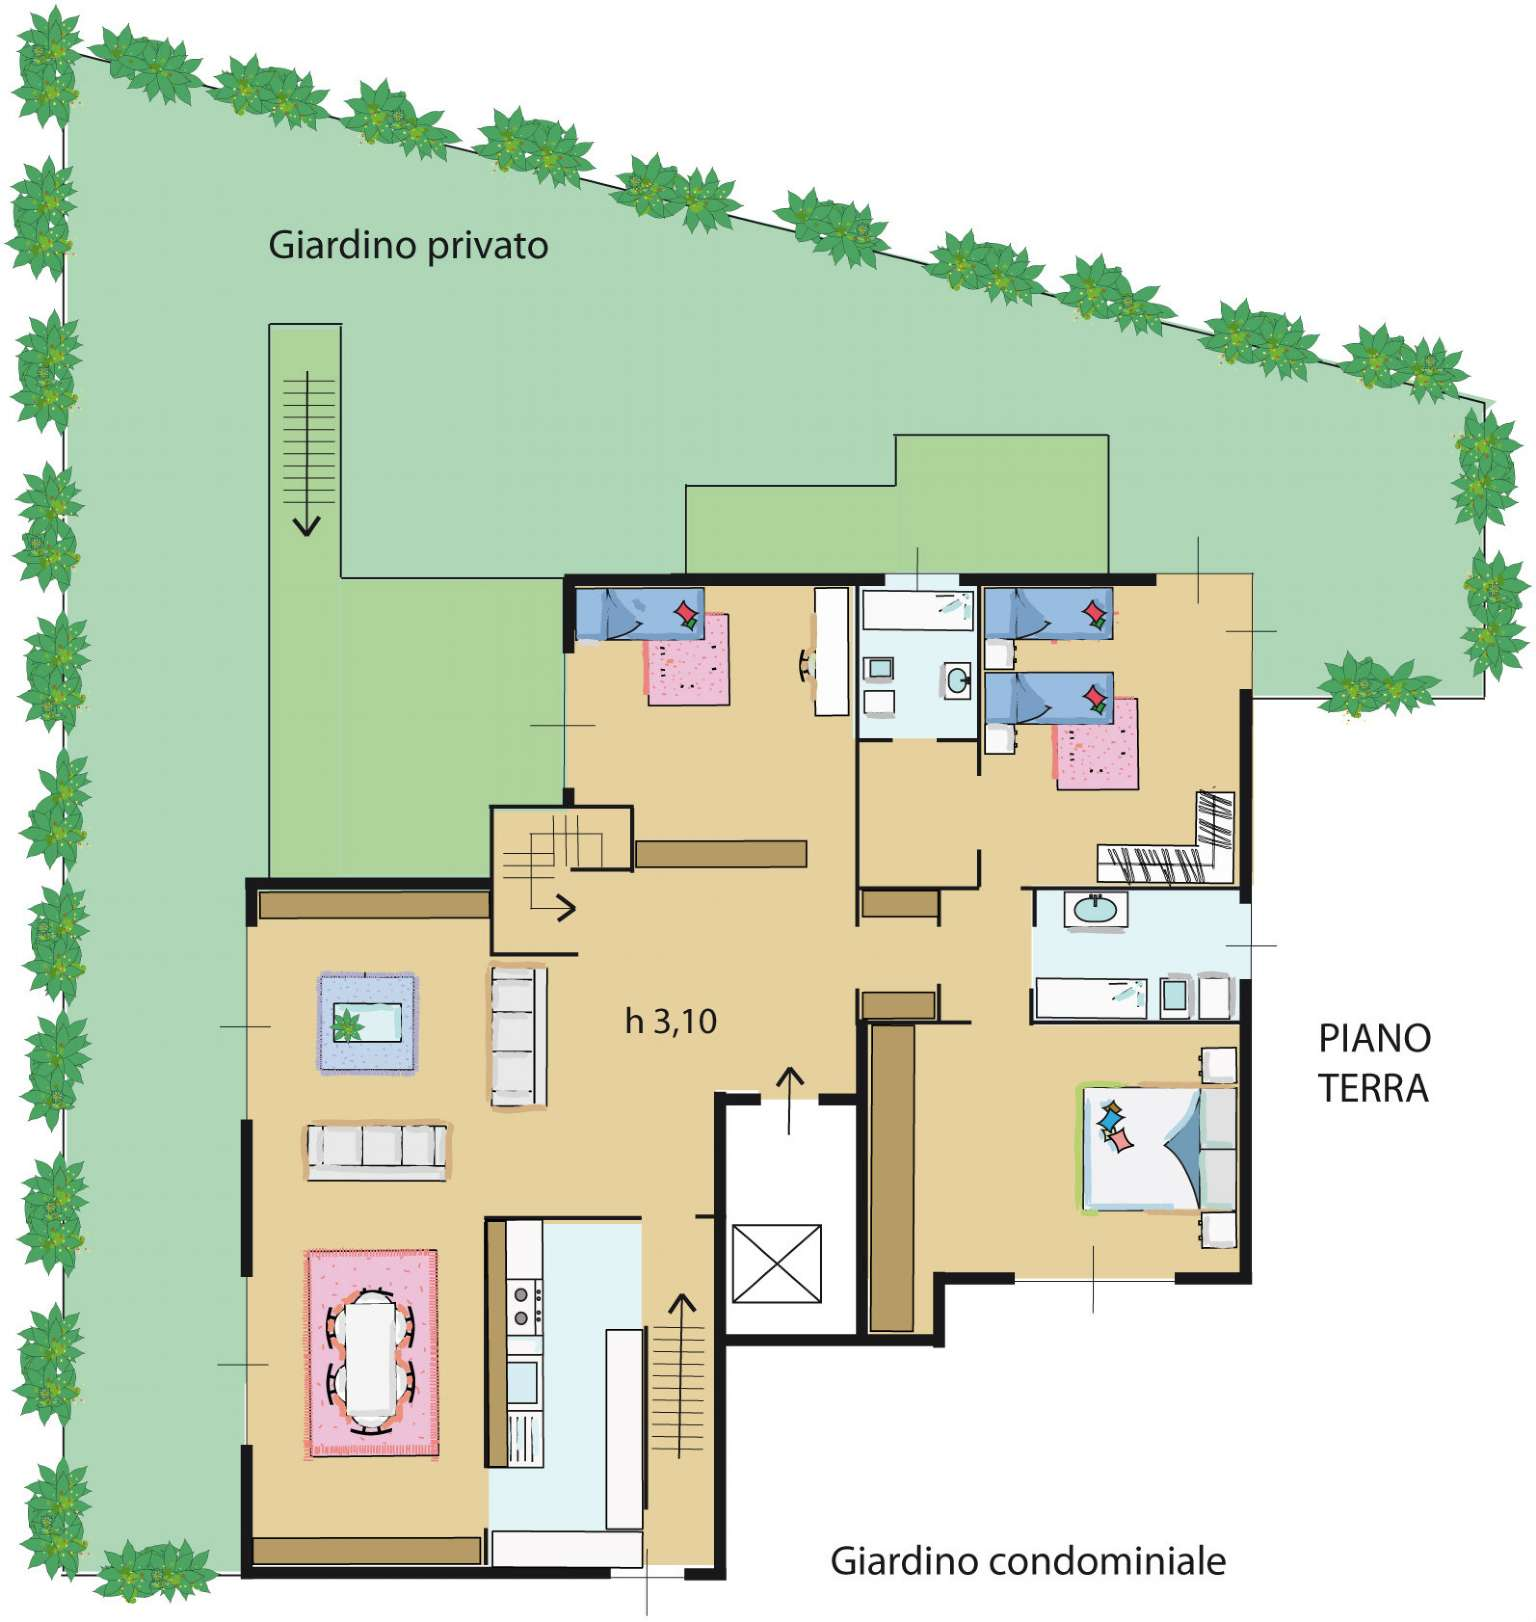 Appartamento in vendita a Milano, 5 locali, zona Zona: 14 . Lotto, Novara, San Siro, QT8 , Montestella, Rembrandt, prezzo € 730.000 | CambioCasa.it